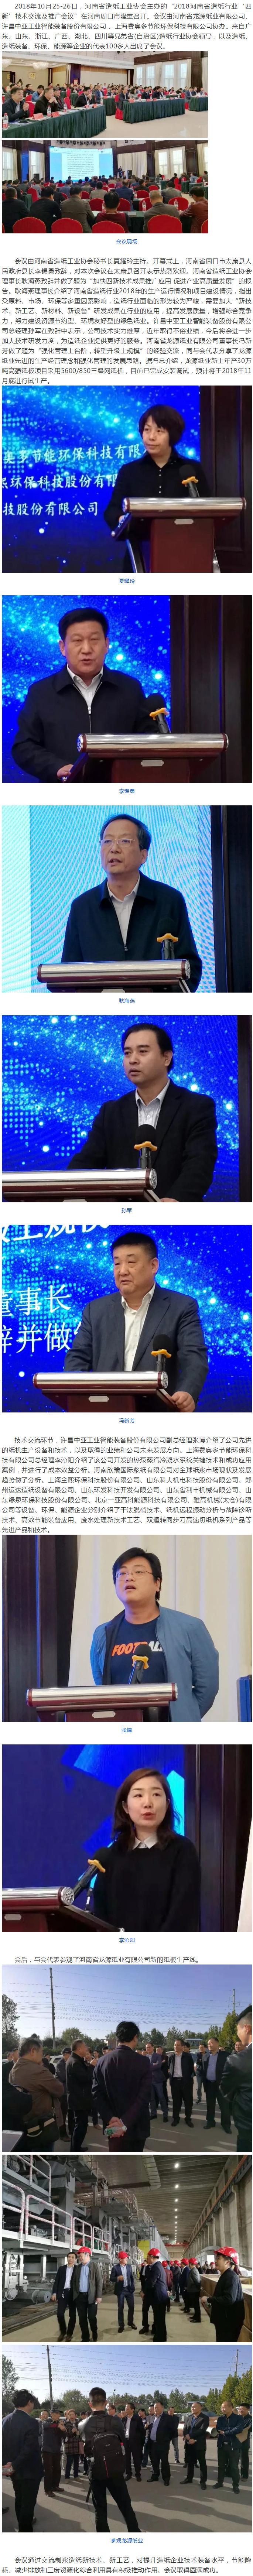 """""""2018河南省造纸行业'四新'技术交流及推广会议""""在河南周口市隆重召开"""